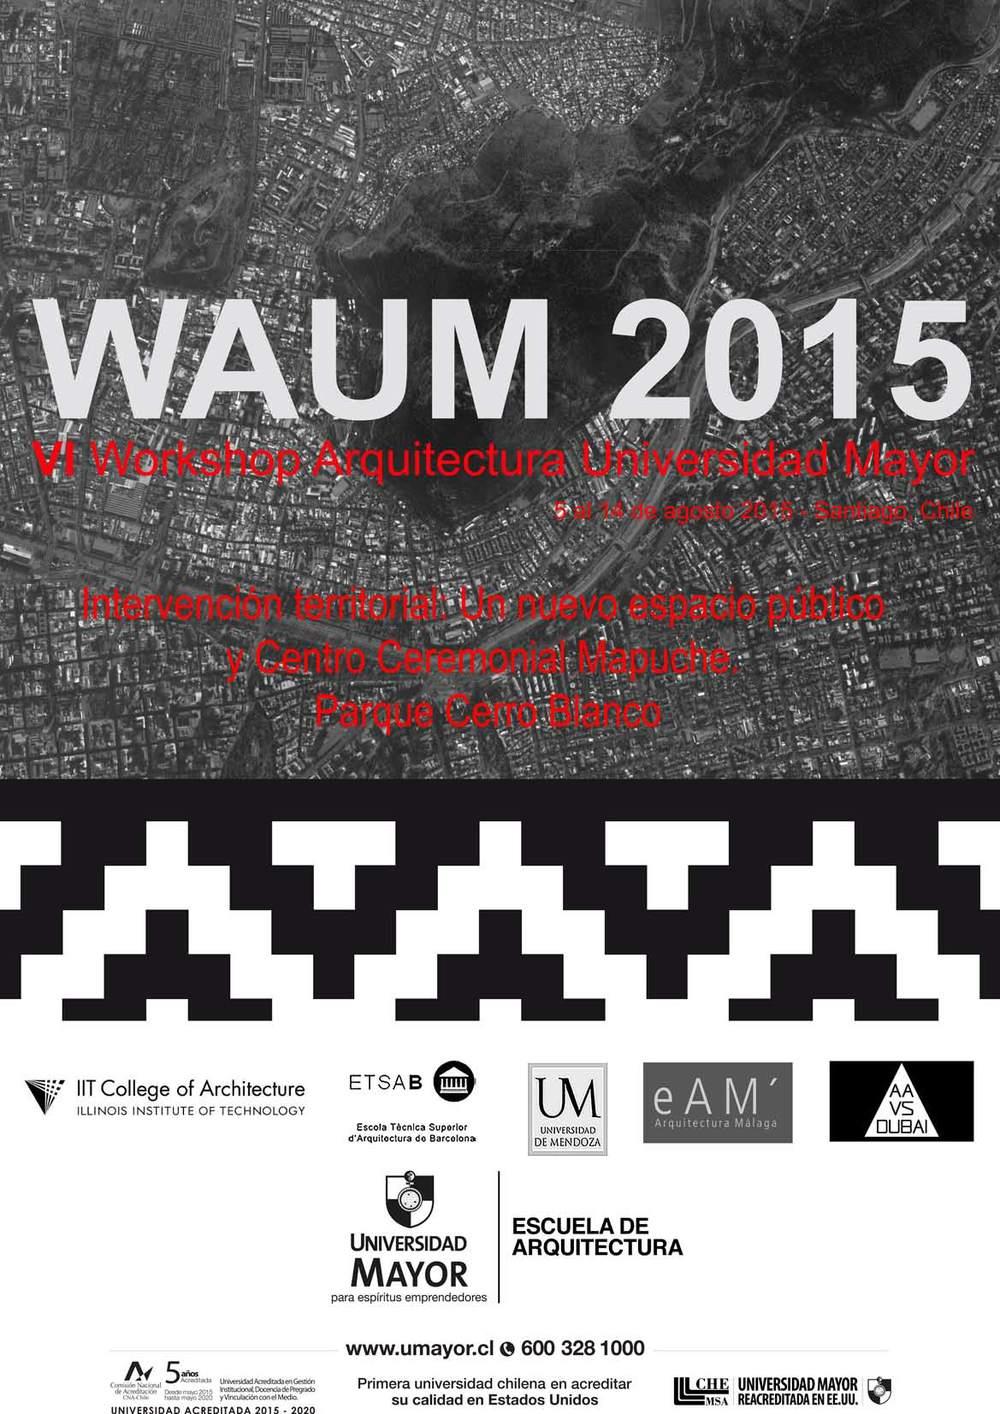 WAUM2015_Poster1.jpg